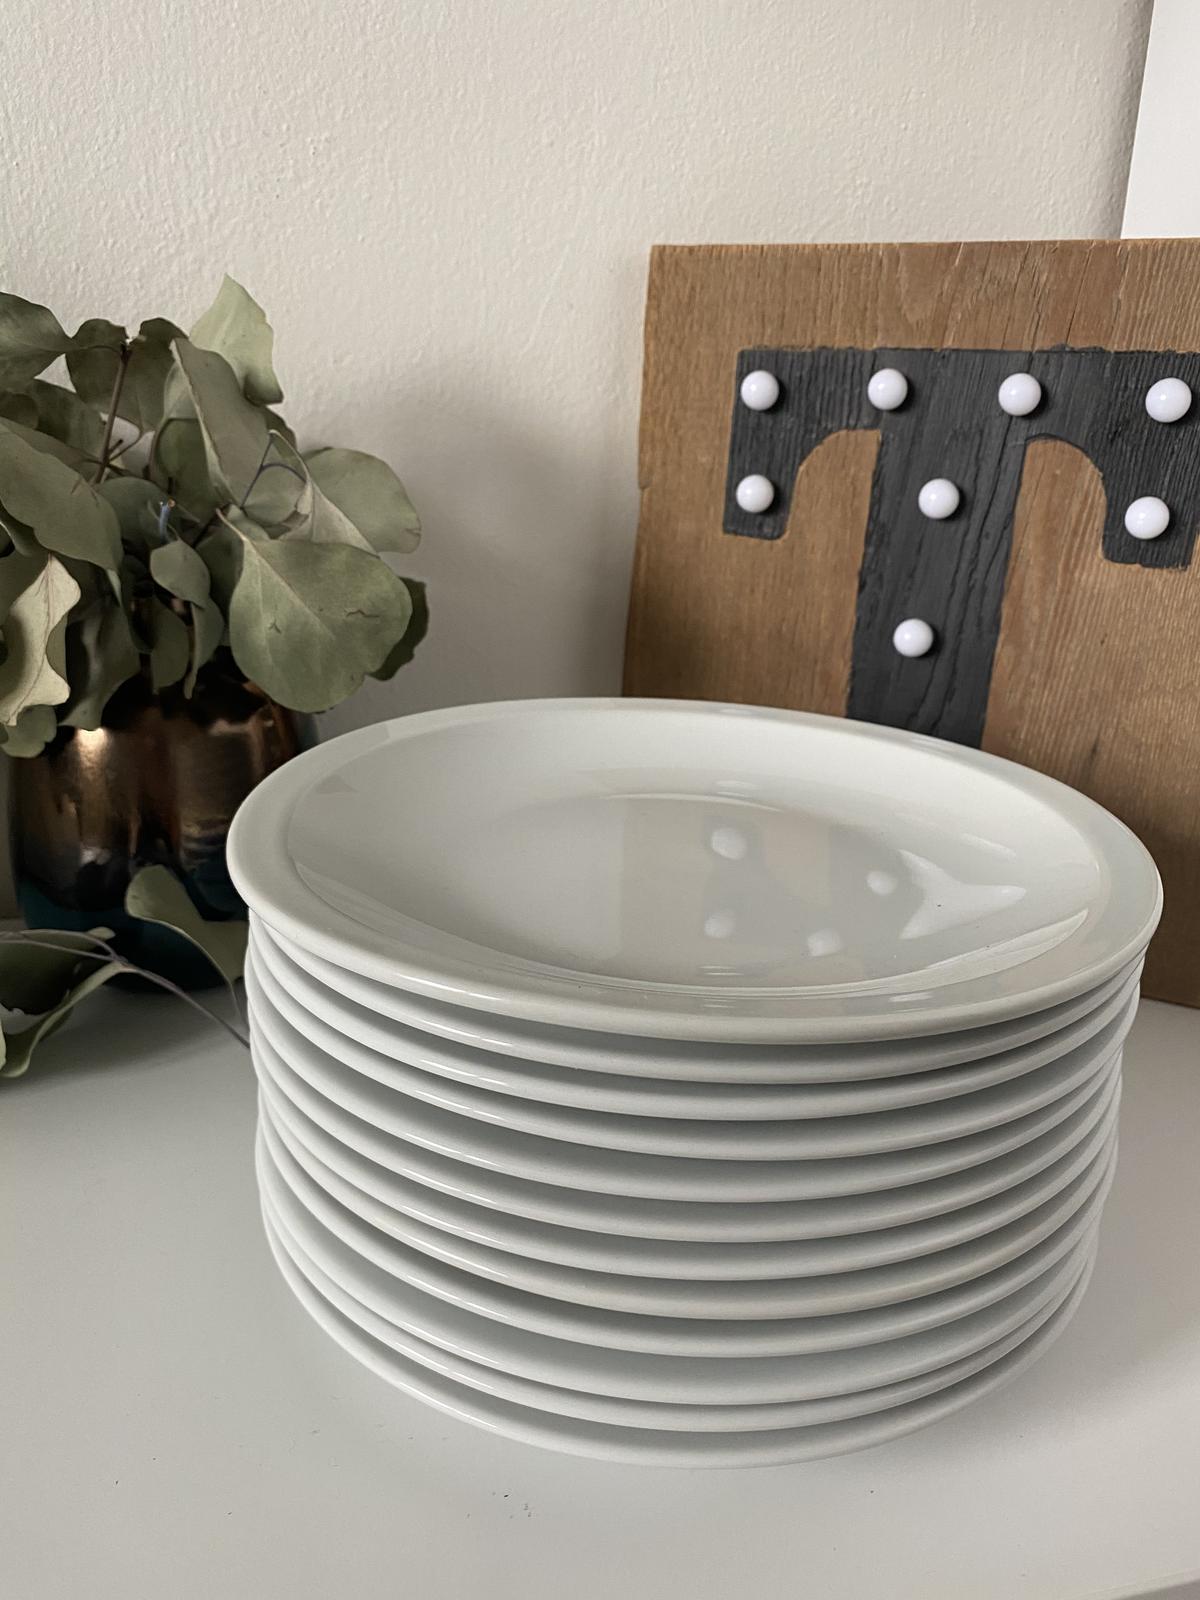 12 ks mělkých talířů - Obrázek č. 1